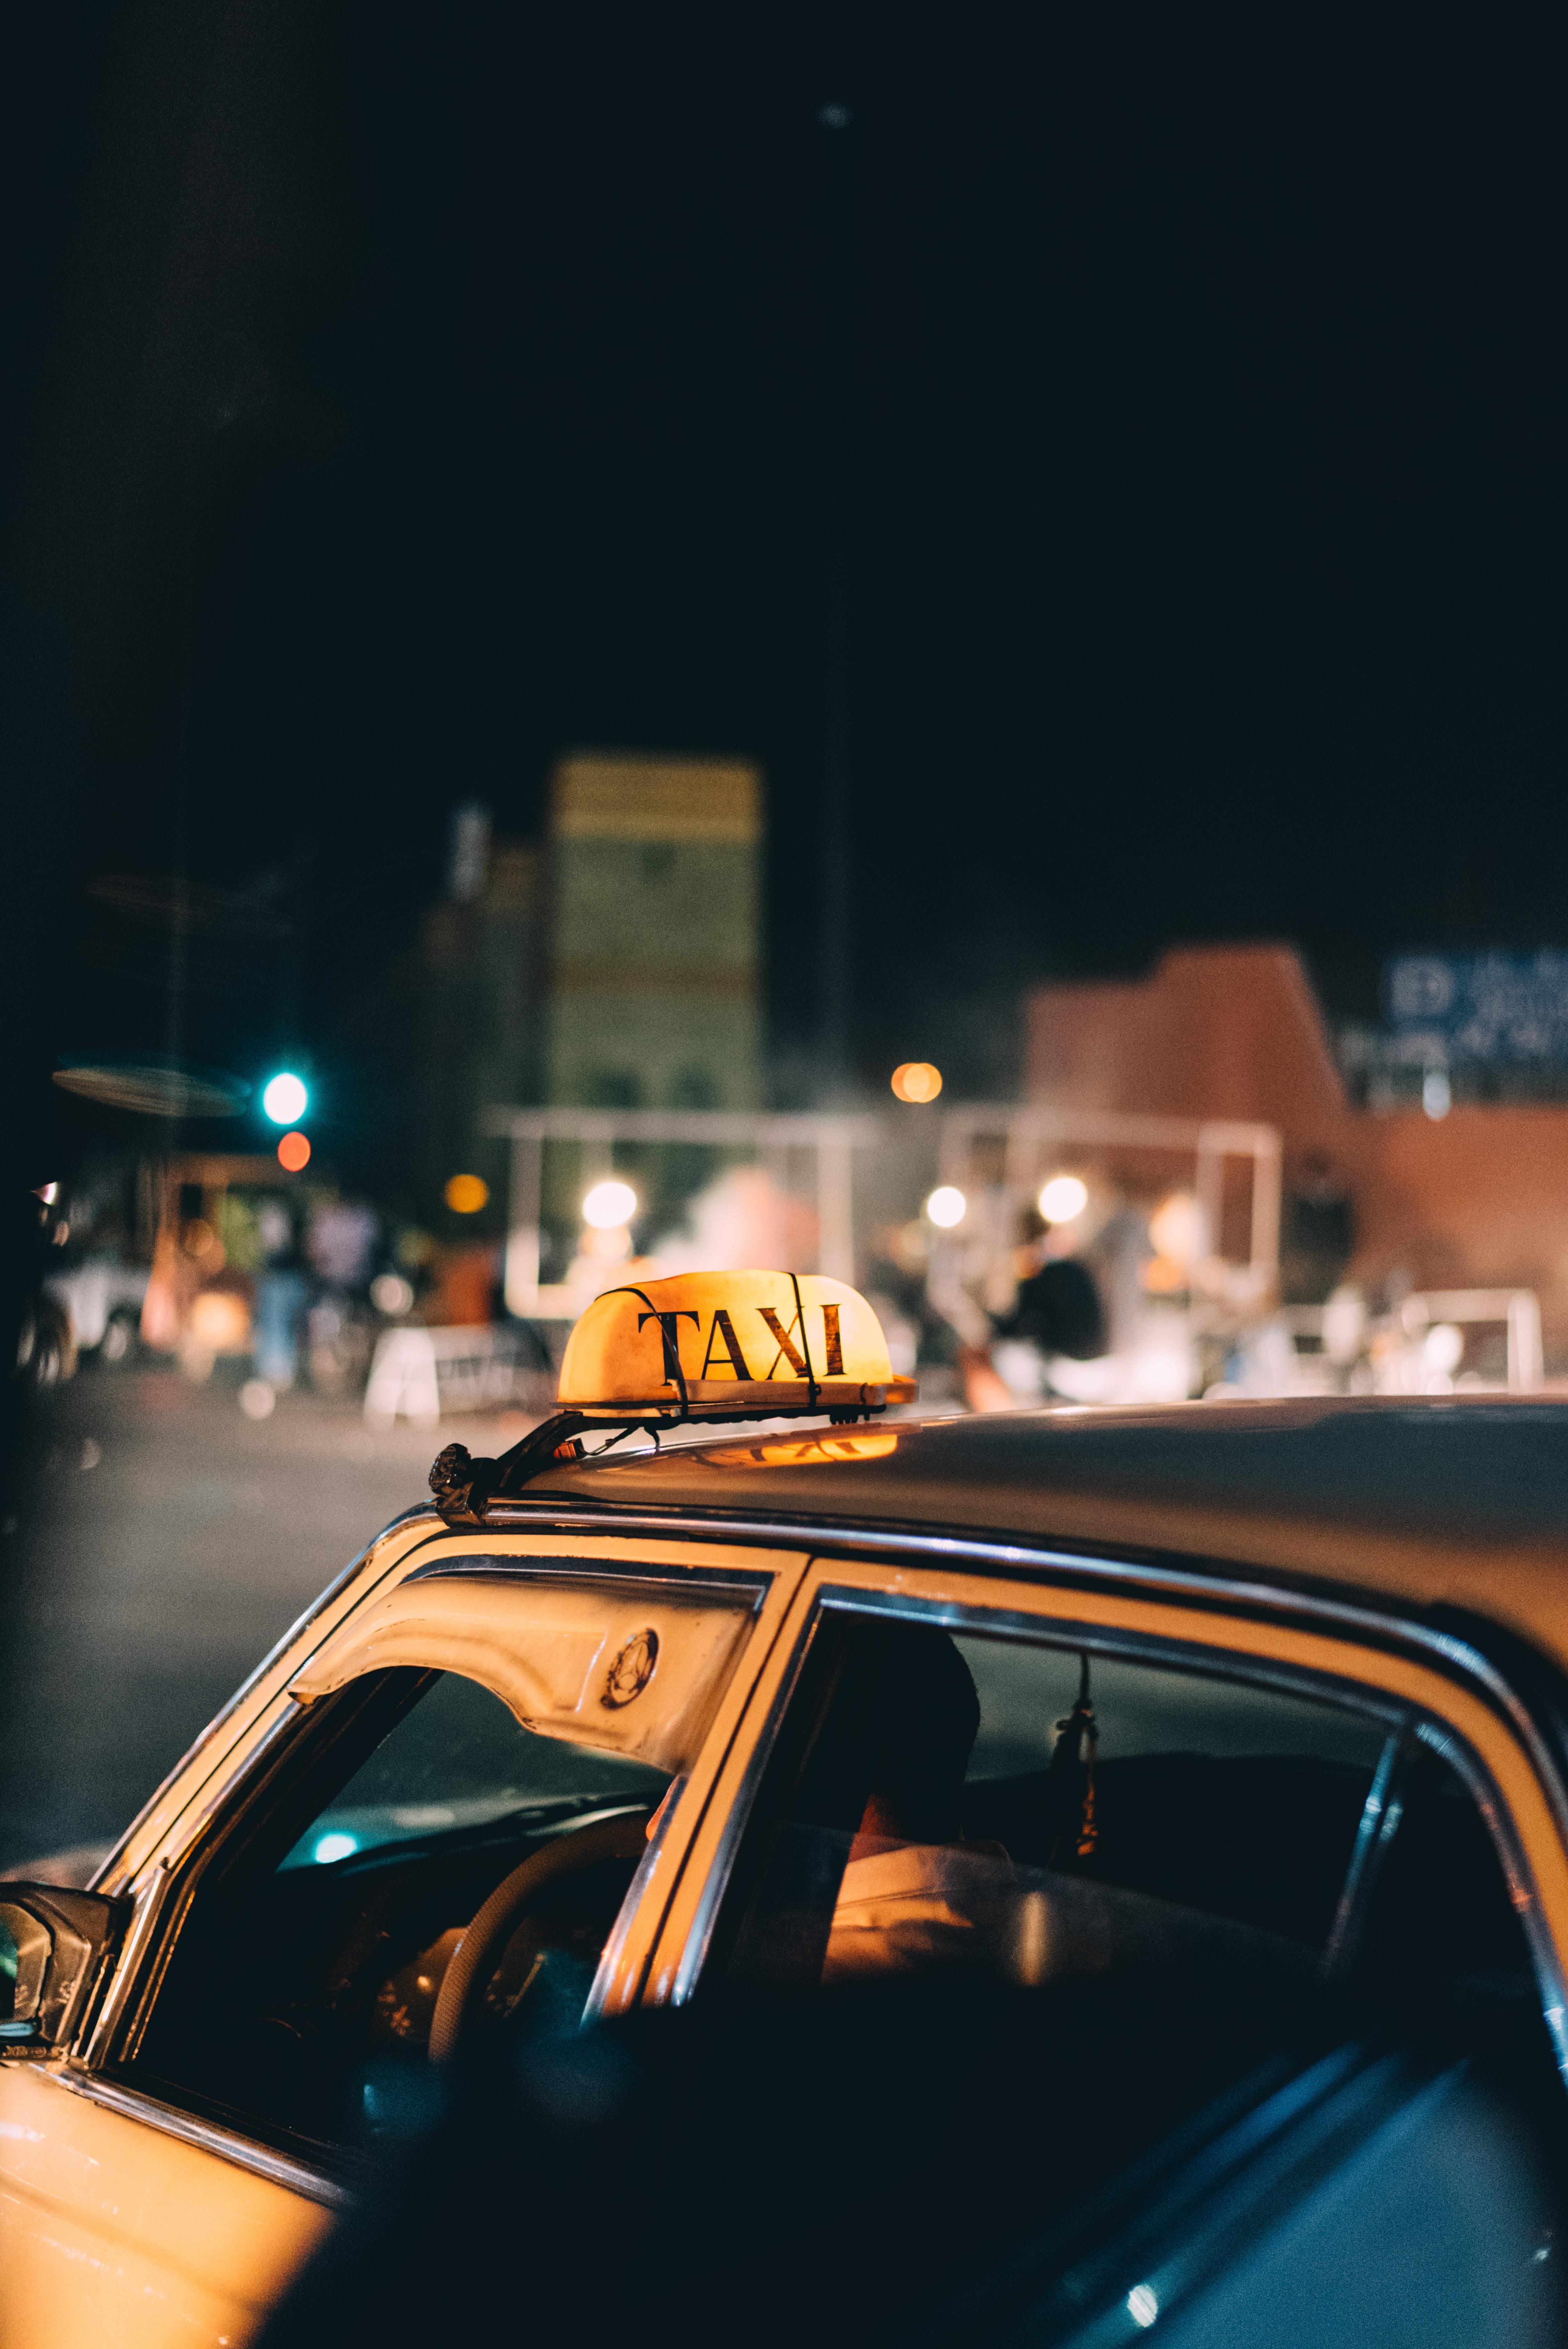 122049 скачать обои Тачки (Cars), Такси, Машины, Городской, Транспорт - заставки и картинки бесплатно